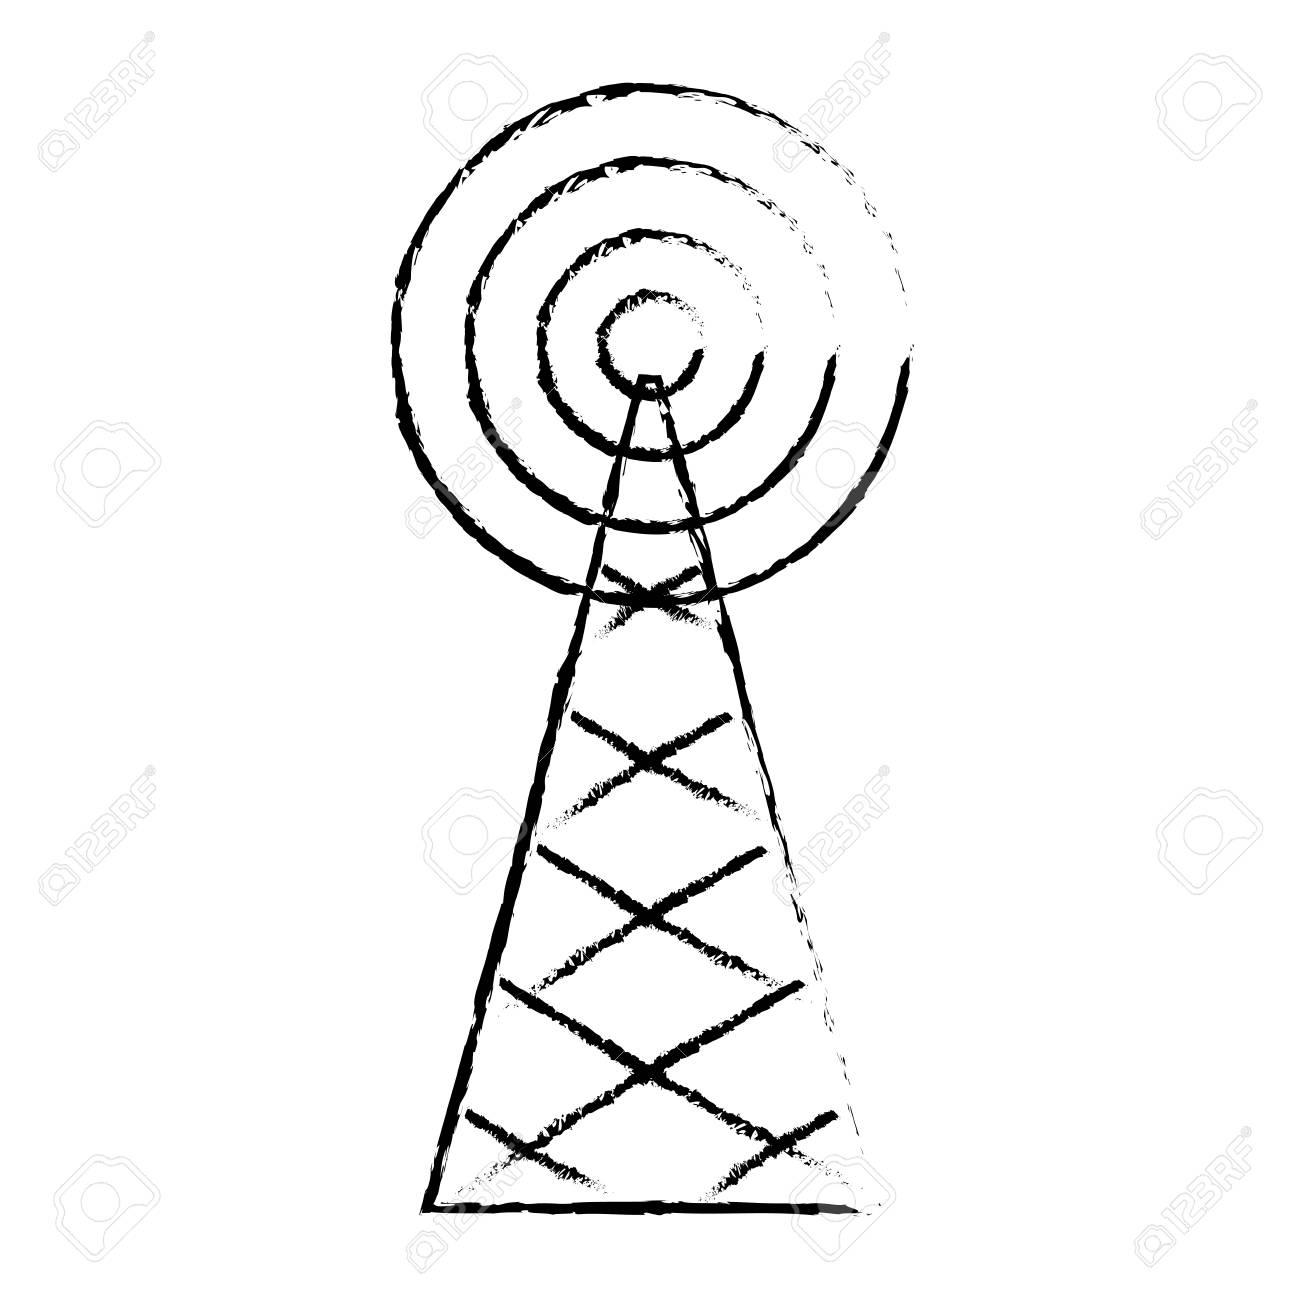 Radio Tower Drawing At Getdrawings